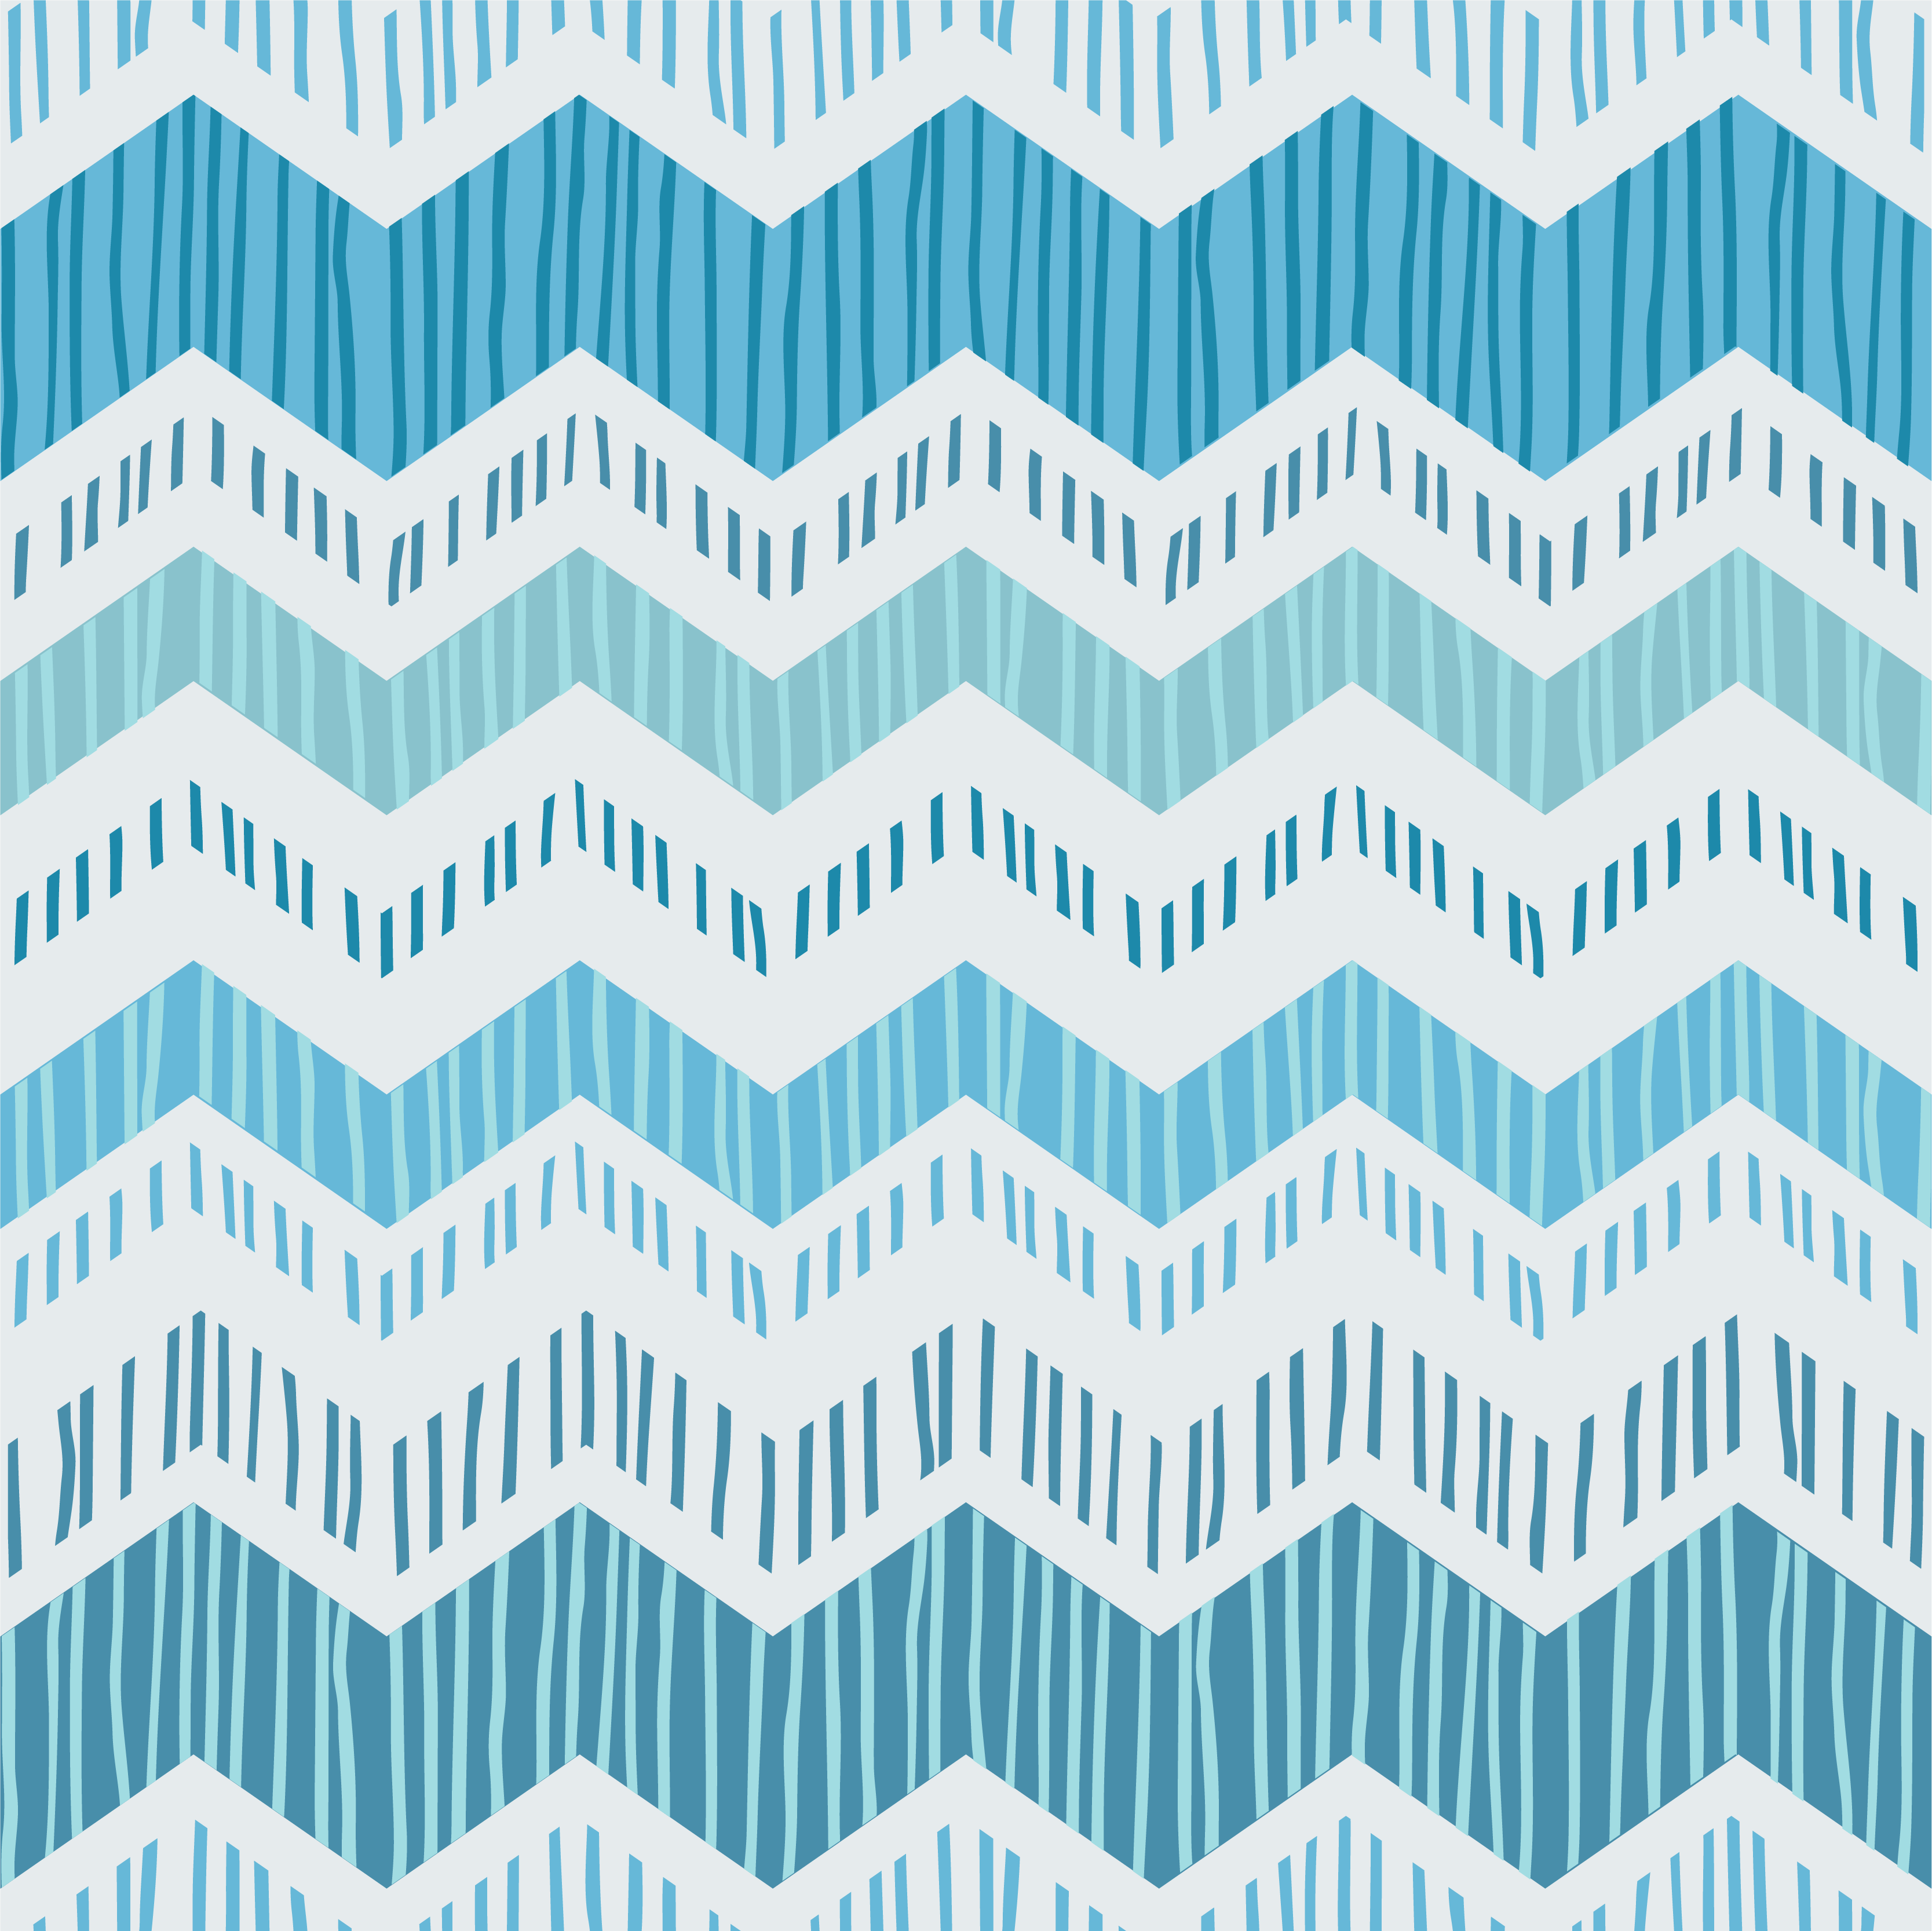 Tenstickers. Sininen siksak-huonekalutarra. Koristeellinen sininen siksak-mallihuonekalutarra peittämään sen pinta tyylikkäällä kauneudella. Valitsi haluamasi tilan ihanteellisen koon.